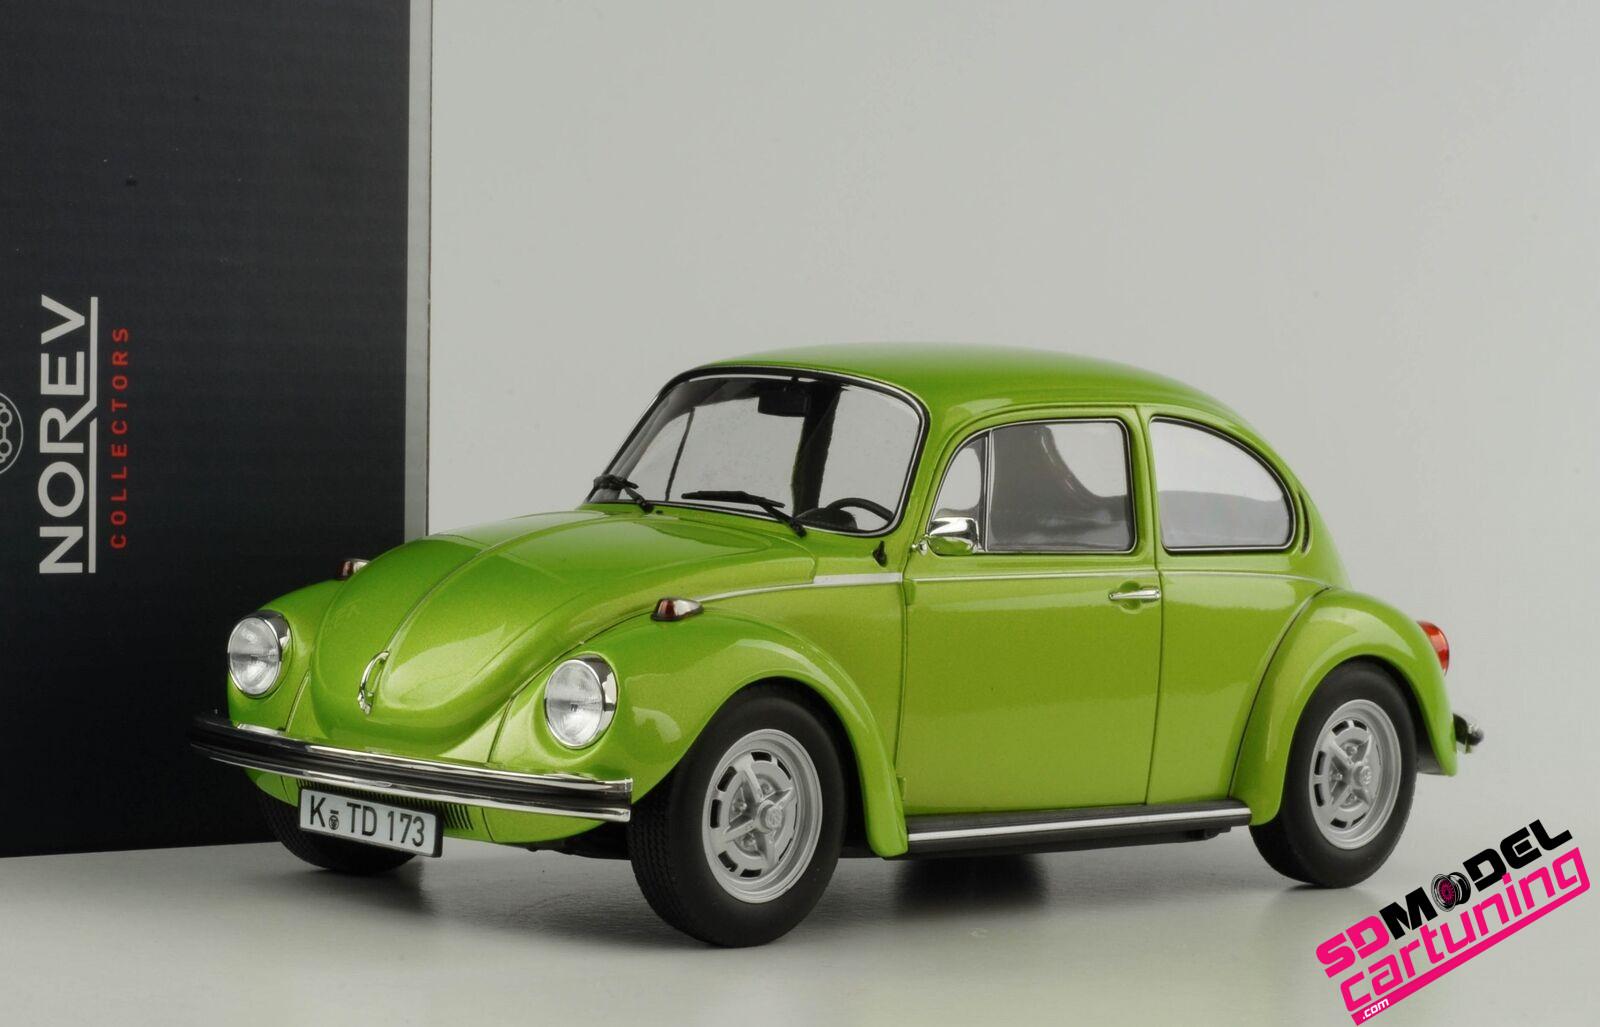 1:18 Volkswagen kever 1303 1972